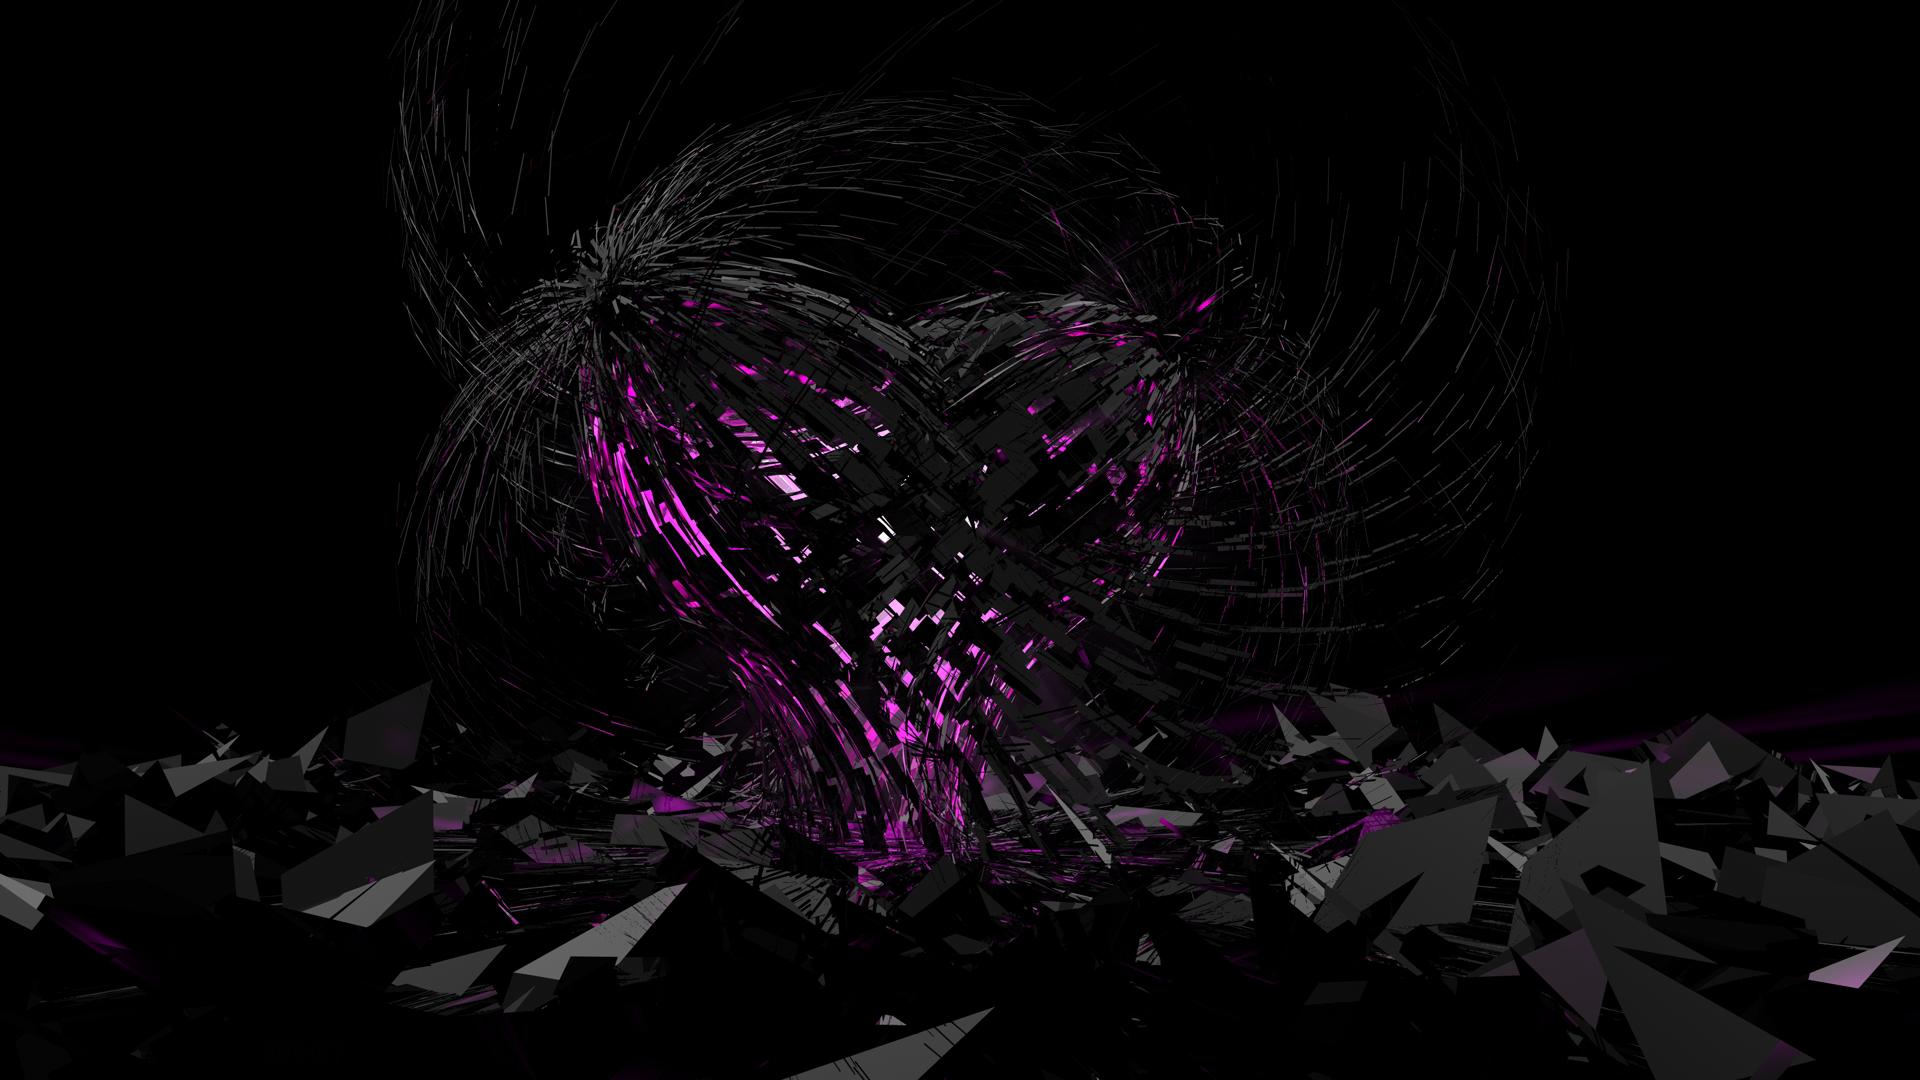 Purple And Black Hearts Wallpaper: The Jester's Corner